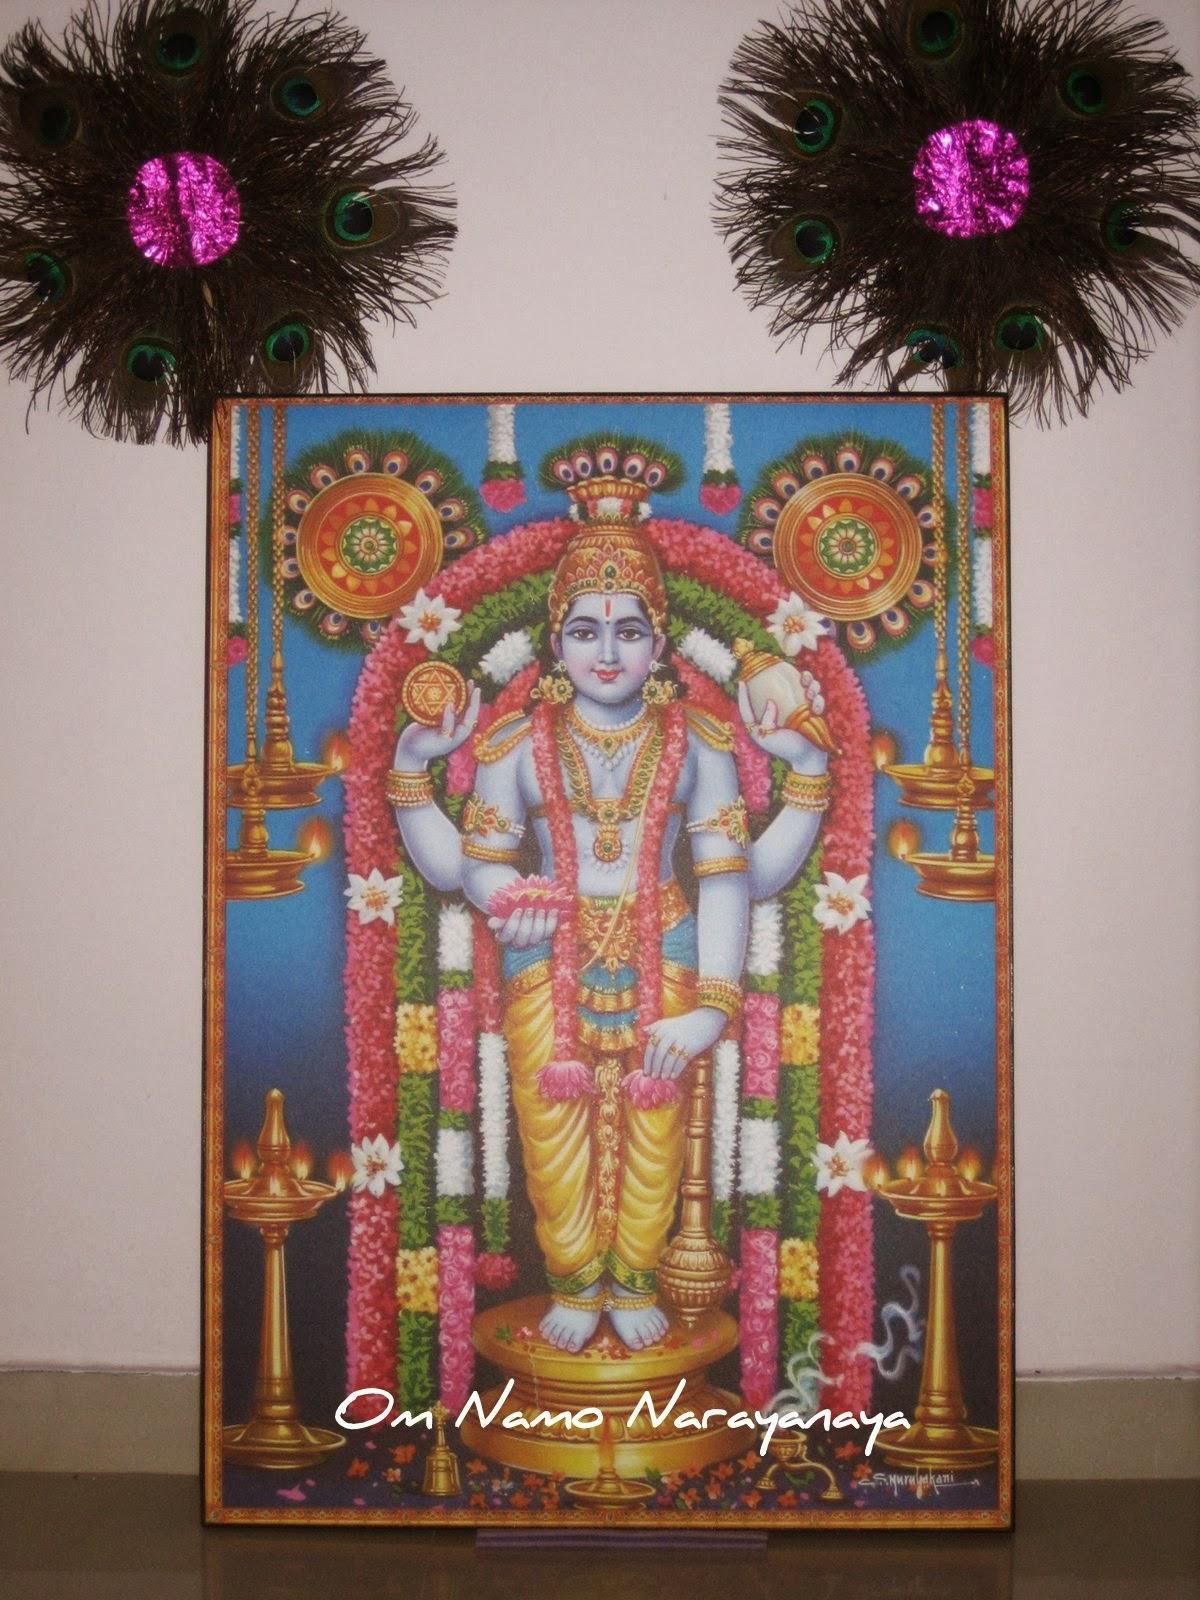 ஸ்ரீ நாராயணீயம் - தசகம் 56, ஸ்ரீ நாராயணீயம் 56வது தசகம், ஸ்ரீமந் நாராயணீயம், ஸ்ரீ நாராயணீயம், ஸ்ரீமத் நாராயணீயம், நாராயணீயம், ஸ்ரீமன் நாராயணீயம், Narayaneeyam, Sree Narayaneeyam, Sriman narayaneeyam,Srimad Narayaneeyam